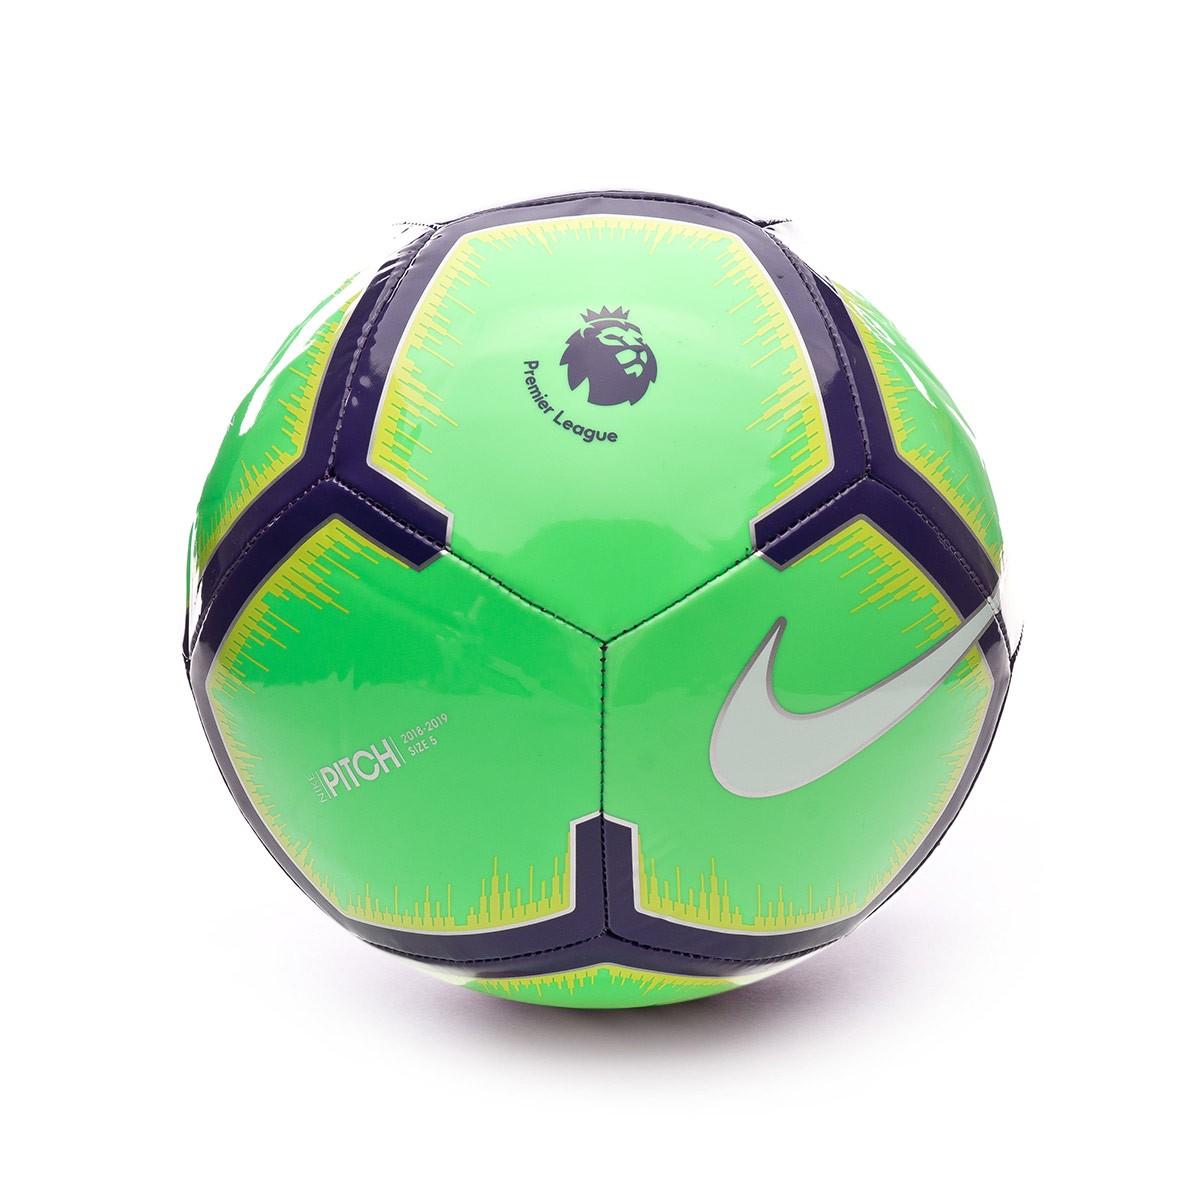 fe3a1bd341 Balón Premier League Pitch 2018-2019 Green-Purple-Yellow-White